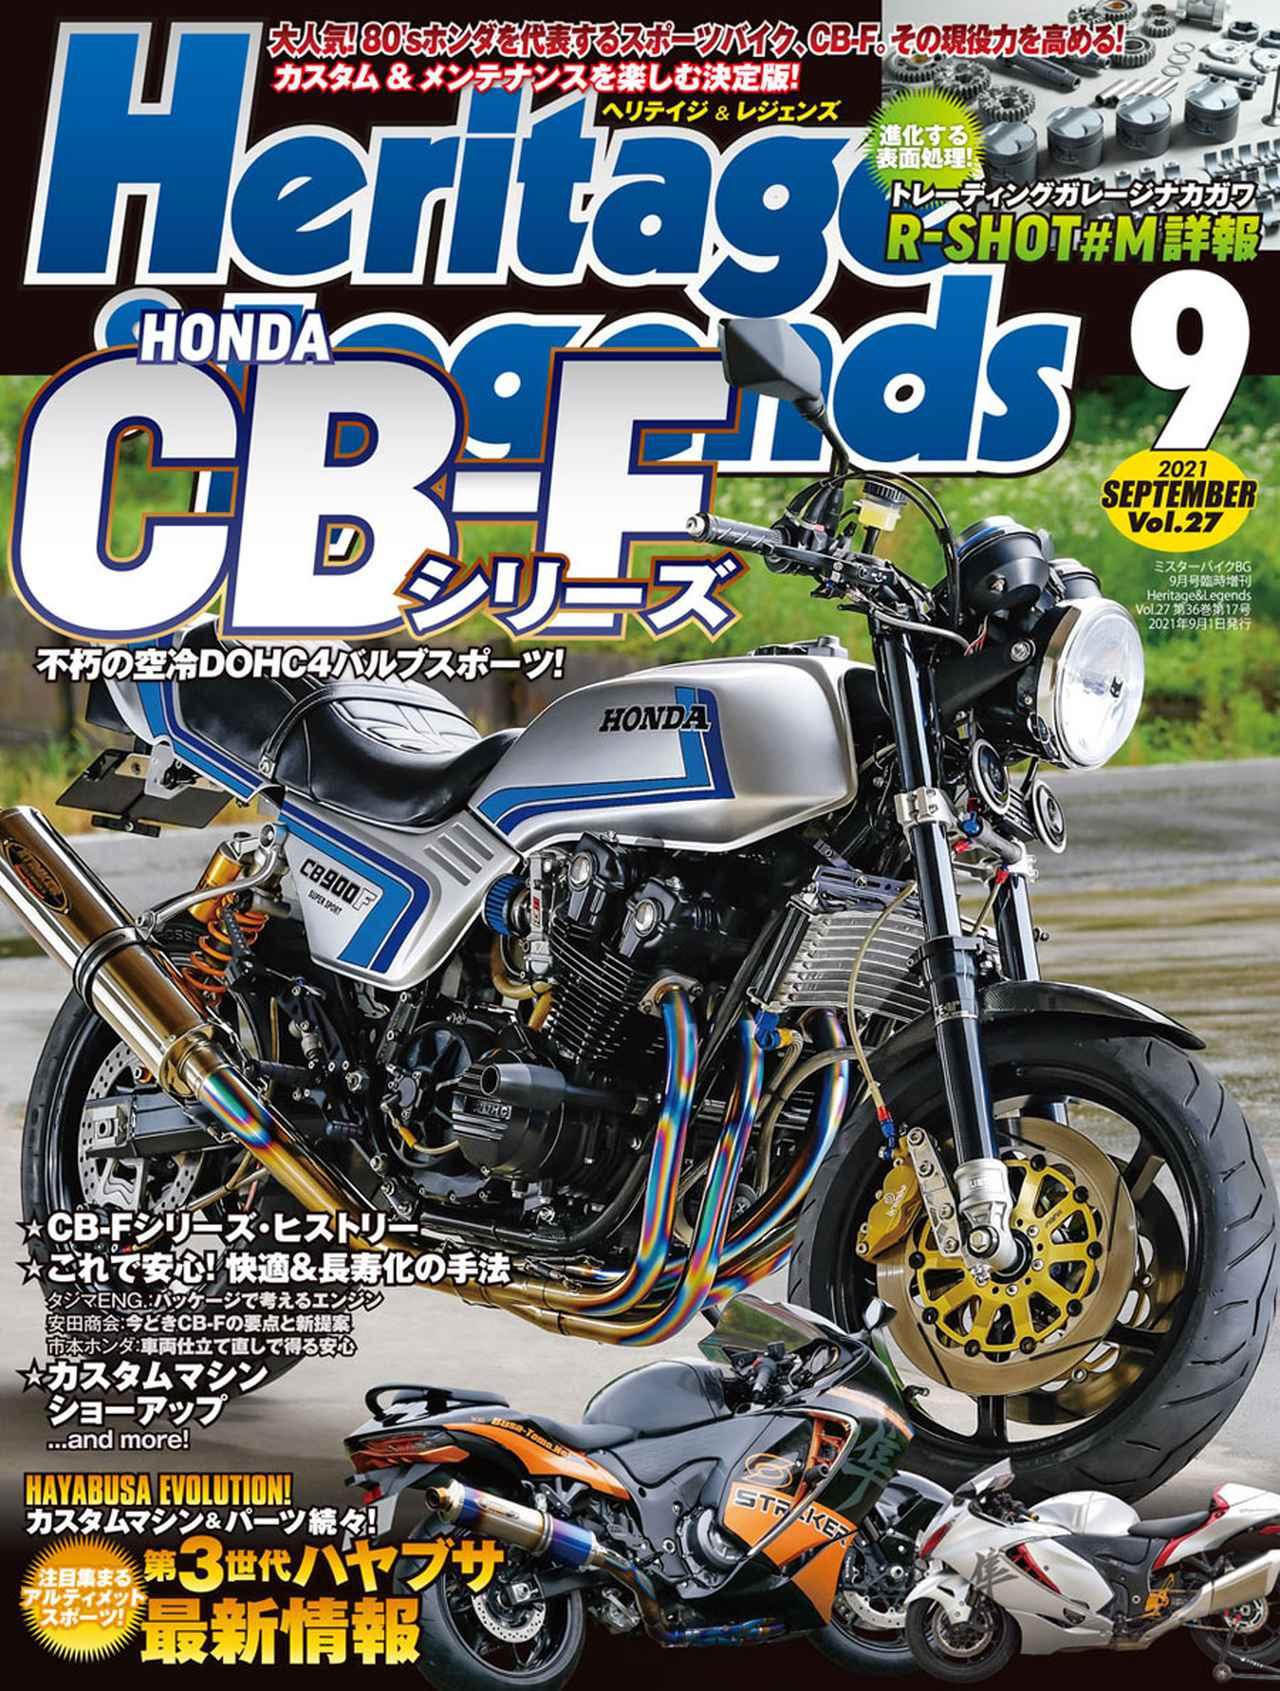 画像: 月刊『ヘリテイジ&レジェンズ』2021年9月号(Vol.27)好評発売中!  ヘリテイジ&レジェンズ Heritage& Legends